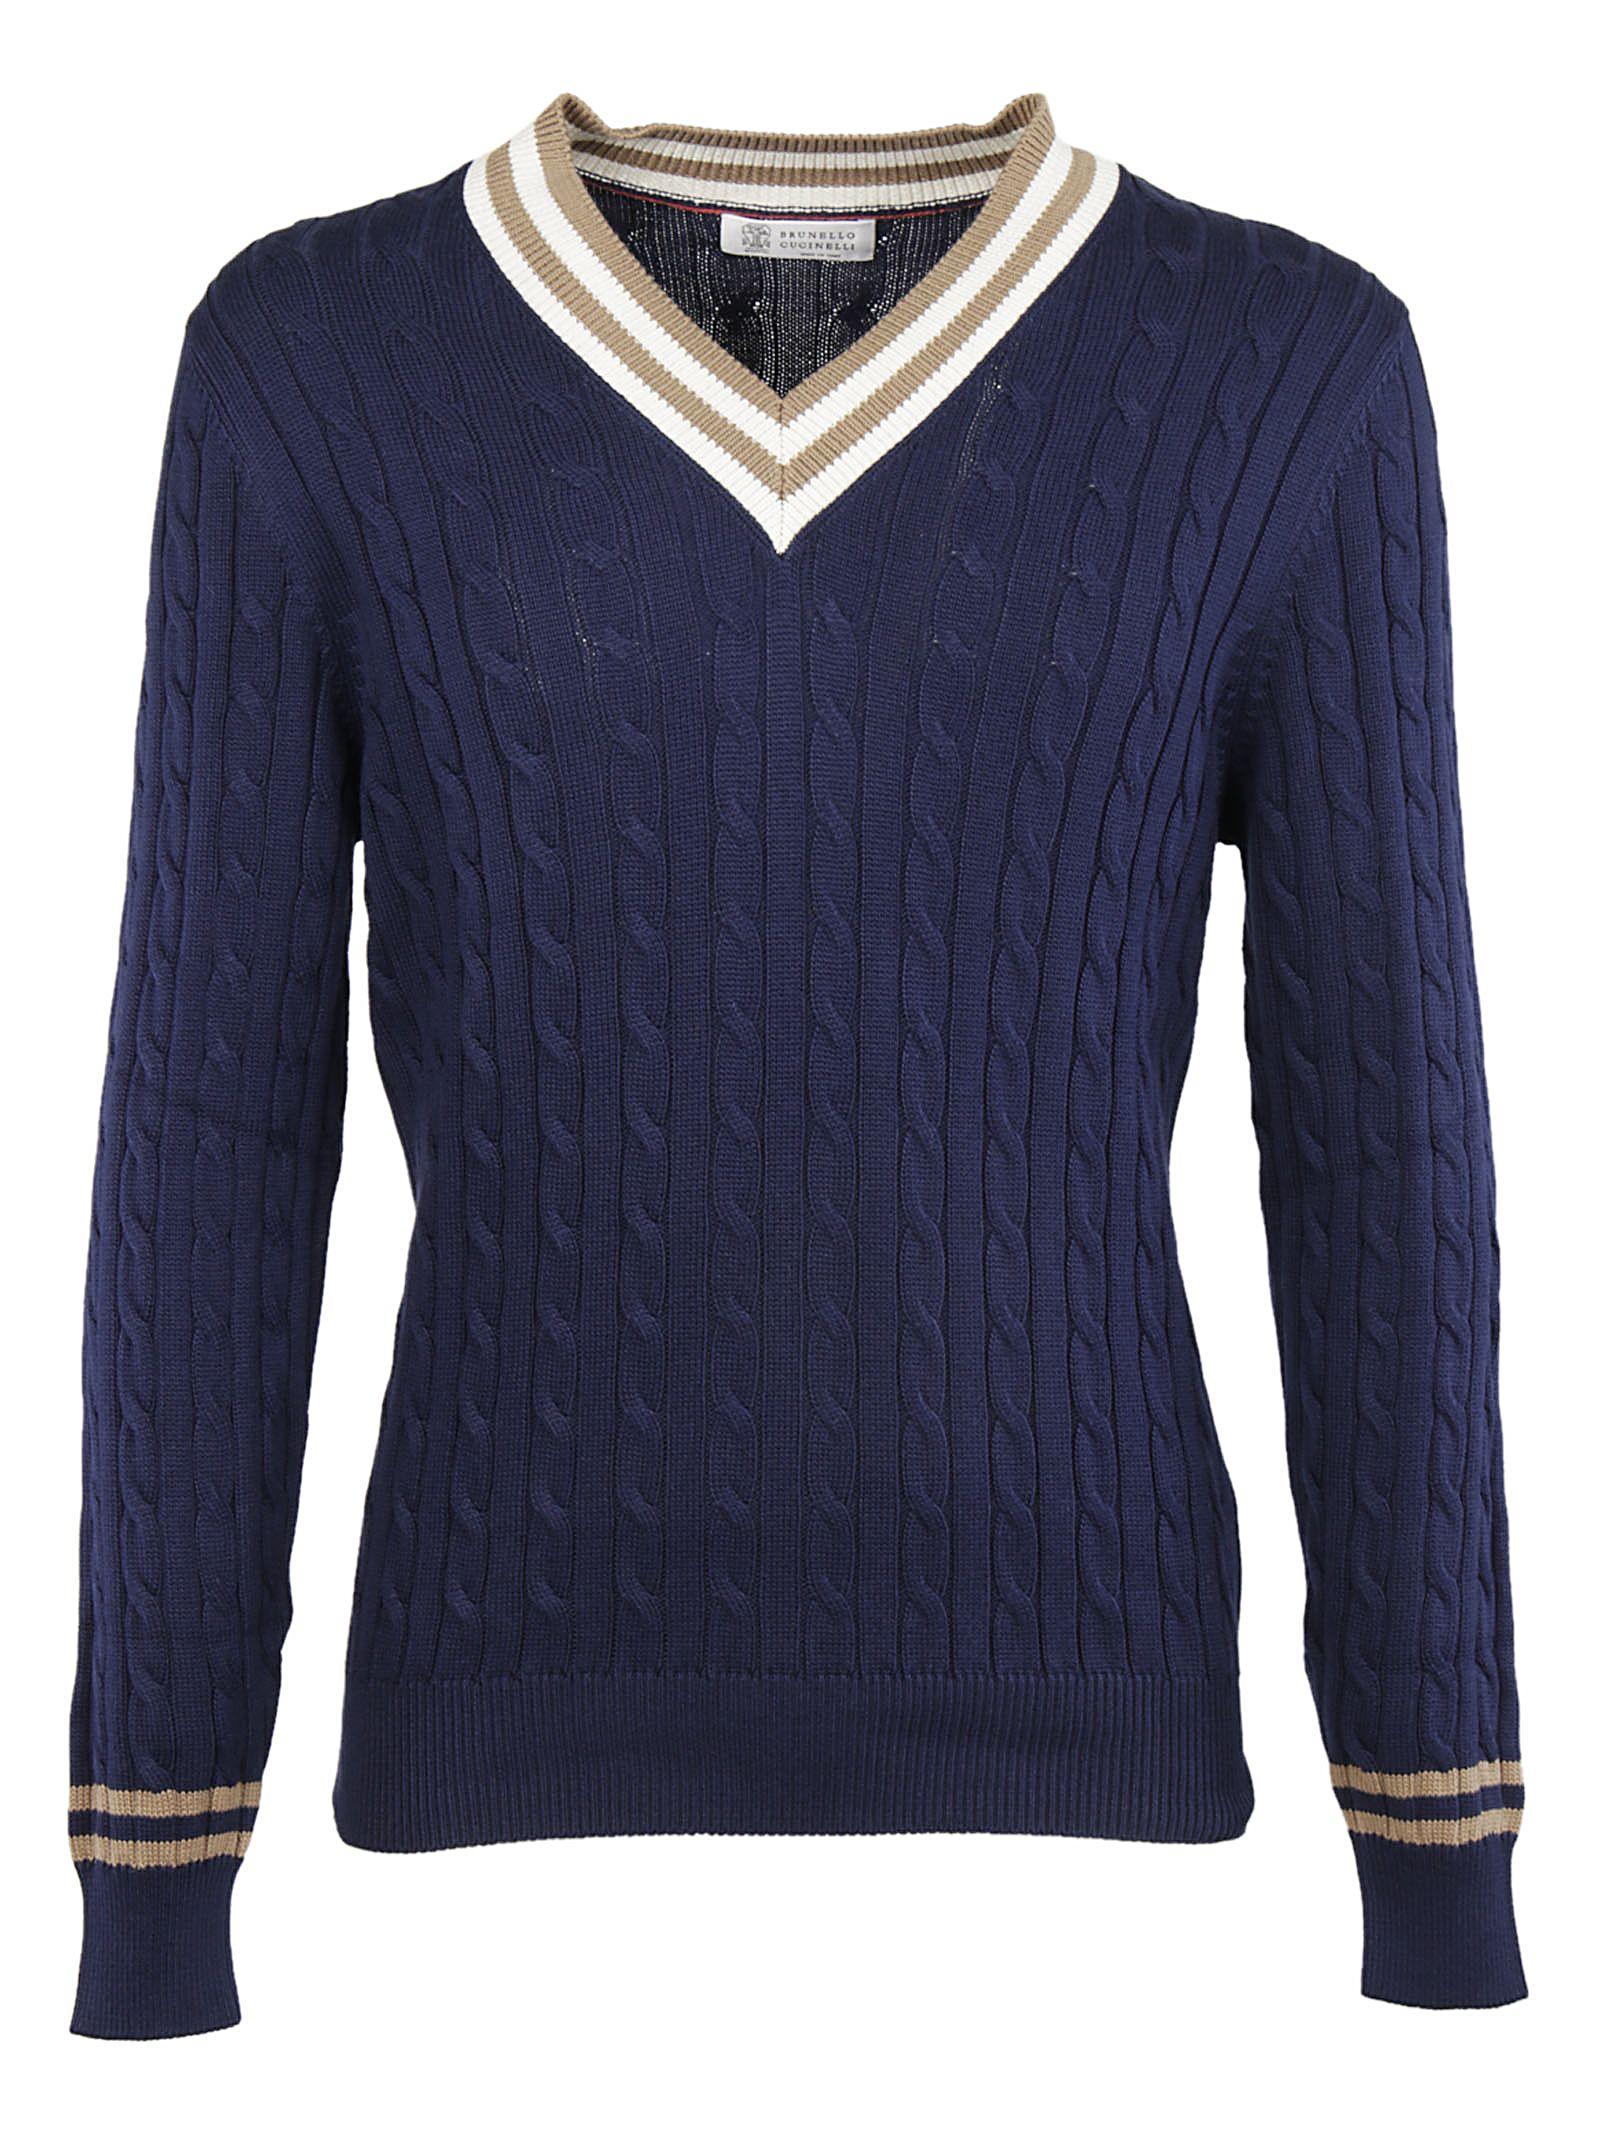 Brunello Cucinelli Knitted Sweatshirt